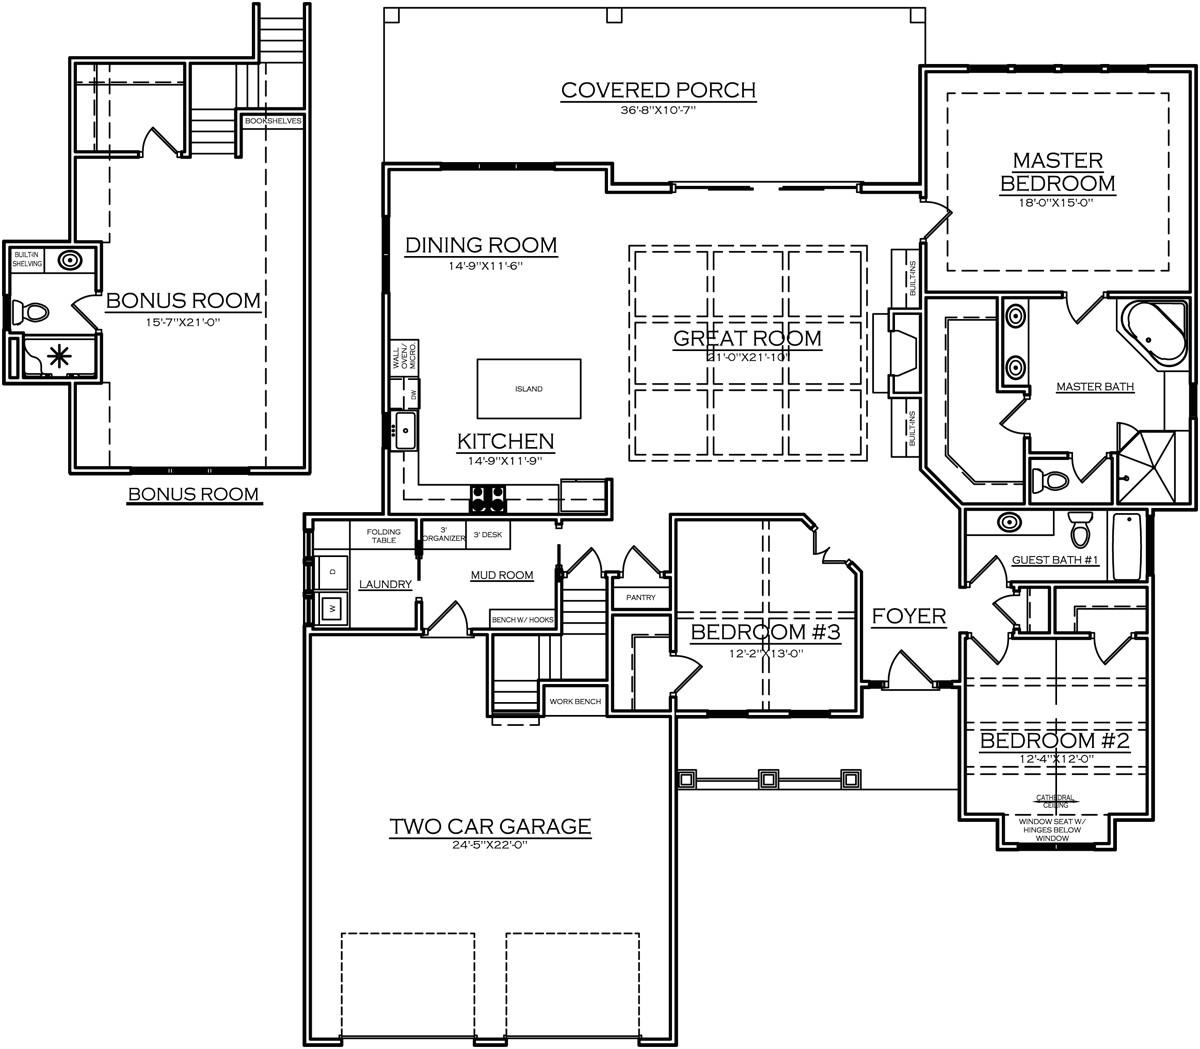 Bill Clark Homes Floor Plans Bill Clark Homes Floor Plans 28 Images Bill Clark